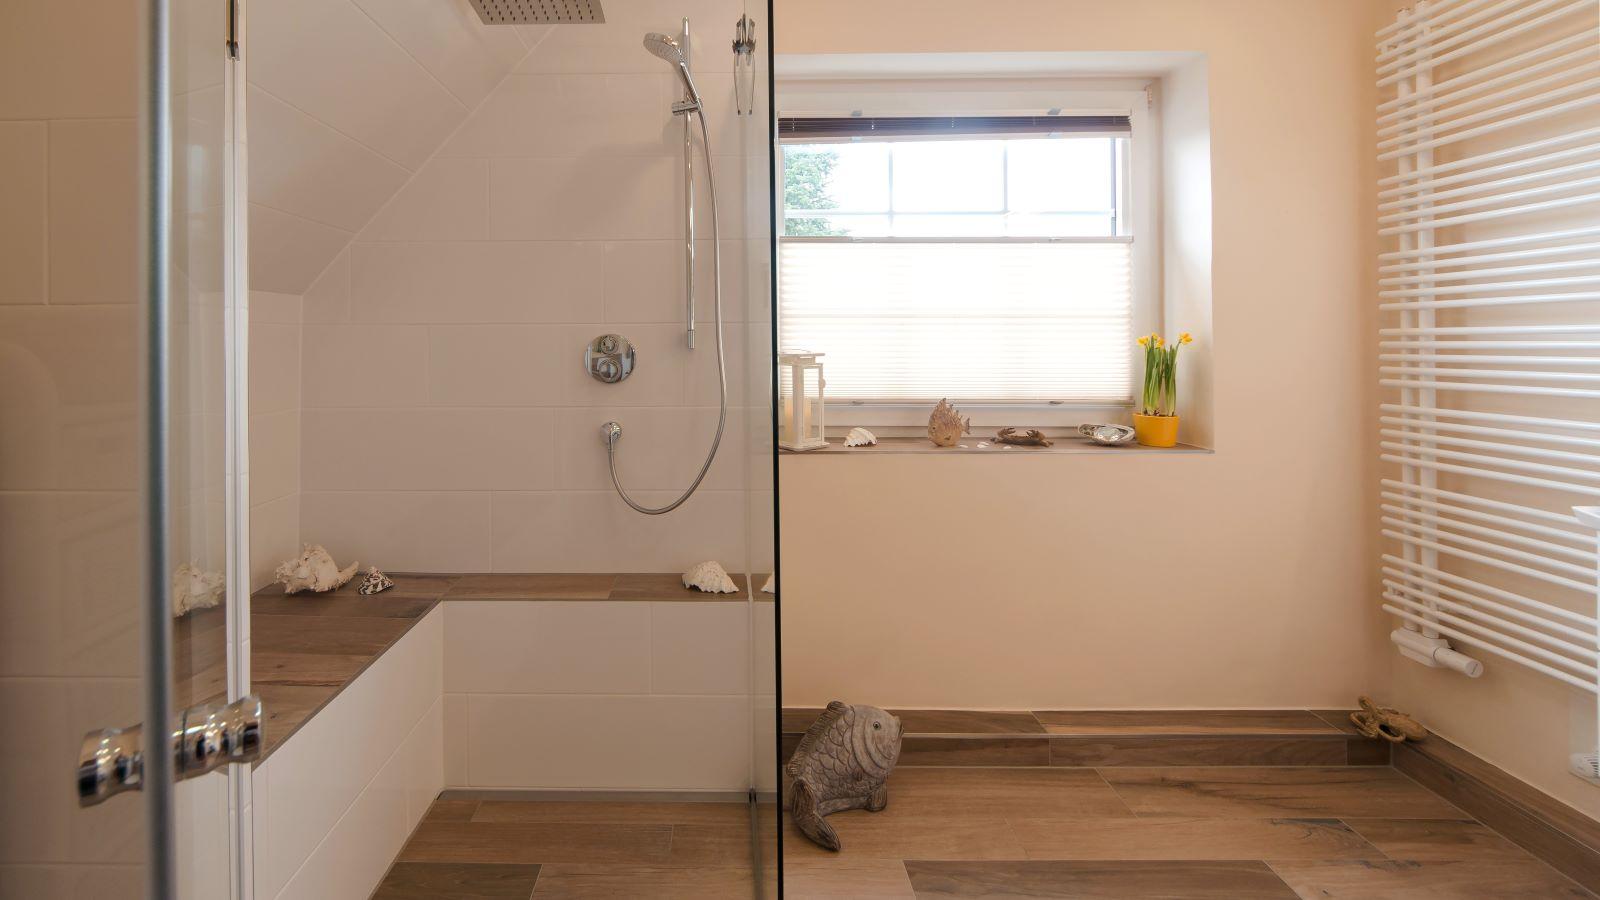 Abgebildet ist die unauffaellige V4a-edelstahl-duschrinne-pro wandbuendig in einer barrierefreien dusche mit sitzbank installiert. Als bodenablauf sorgt sie fuer eine sehr gute linienentwaesserung der ebenerdigen dusche.